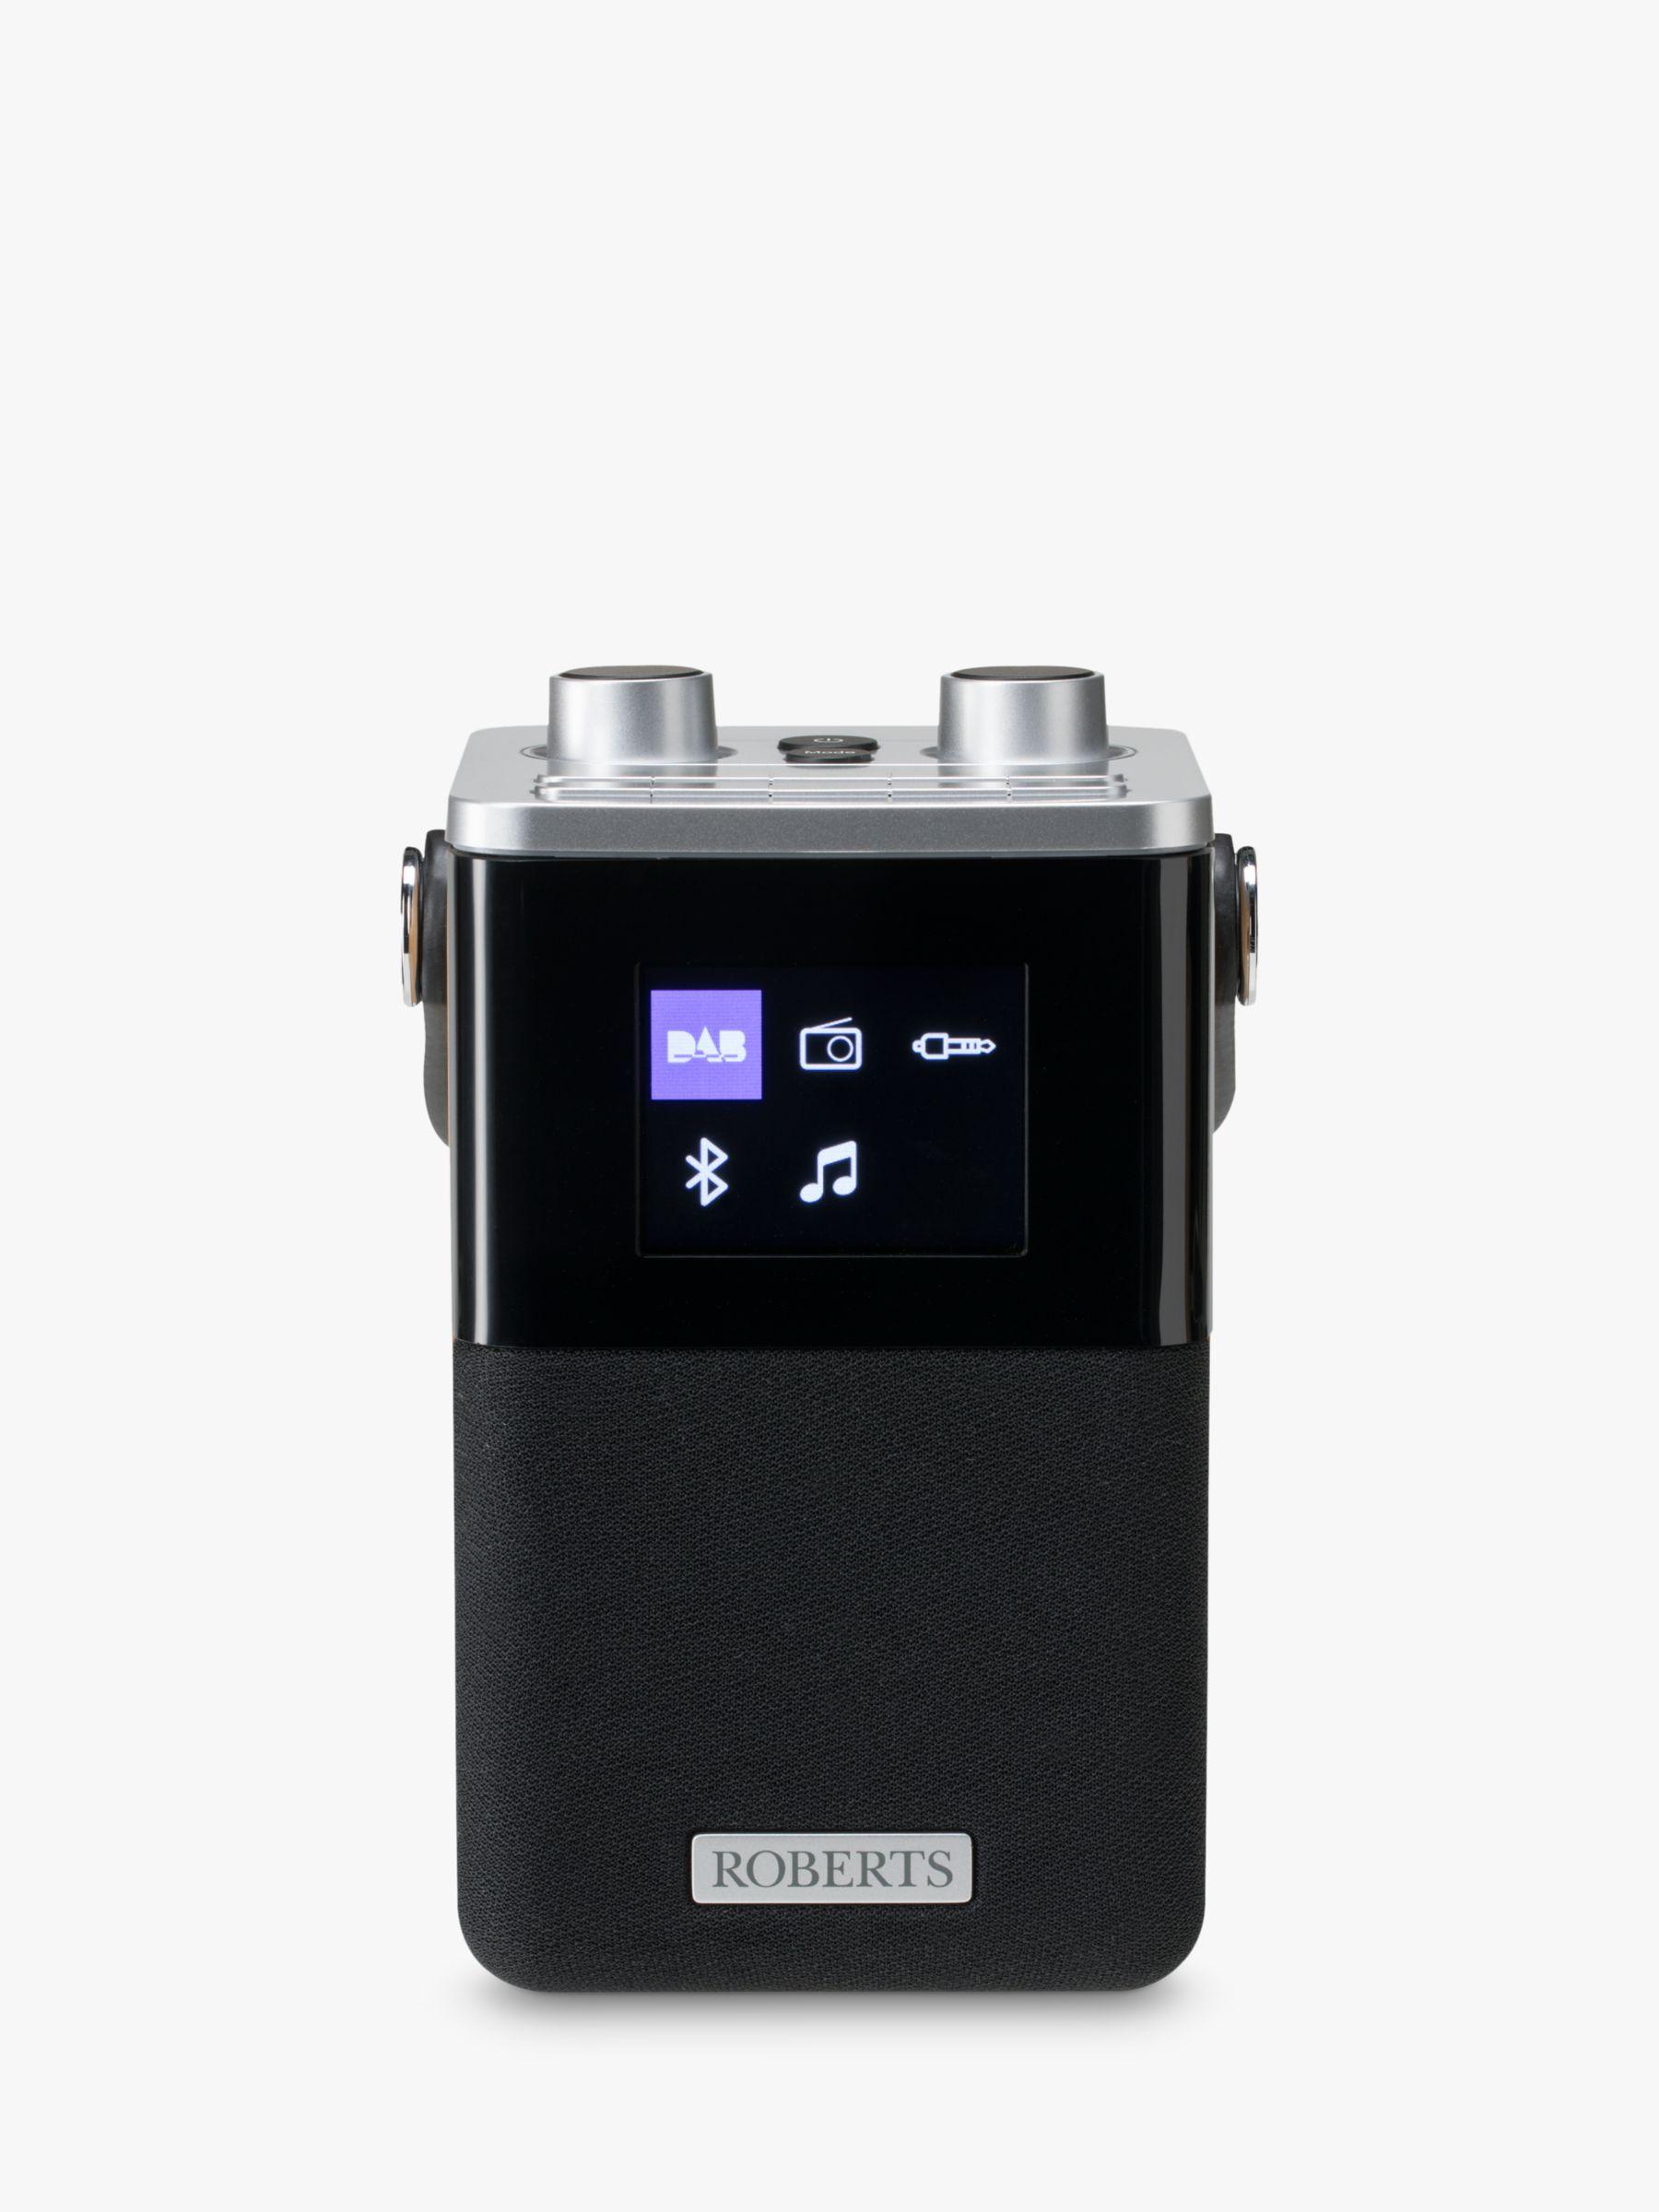 Roberts ROBERTS Blutune T2 DAB+/DAB/FM Bluetooth Radio